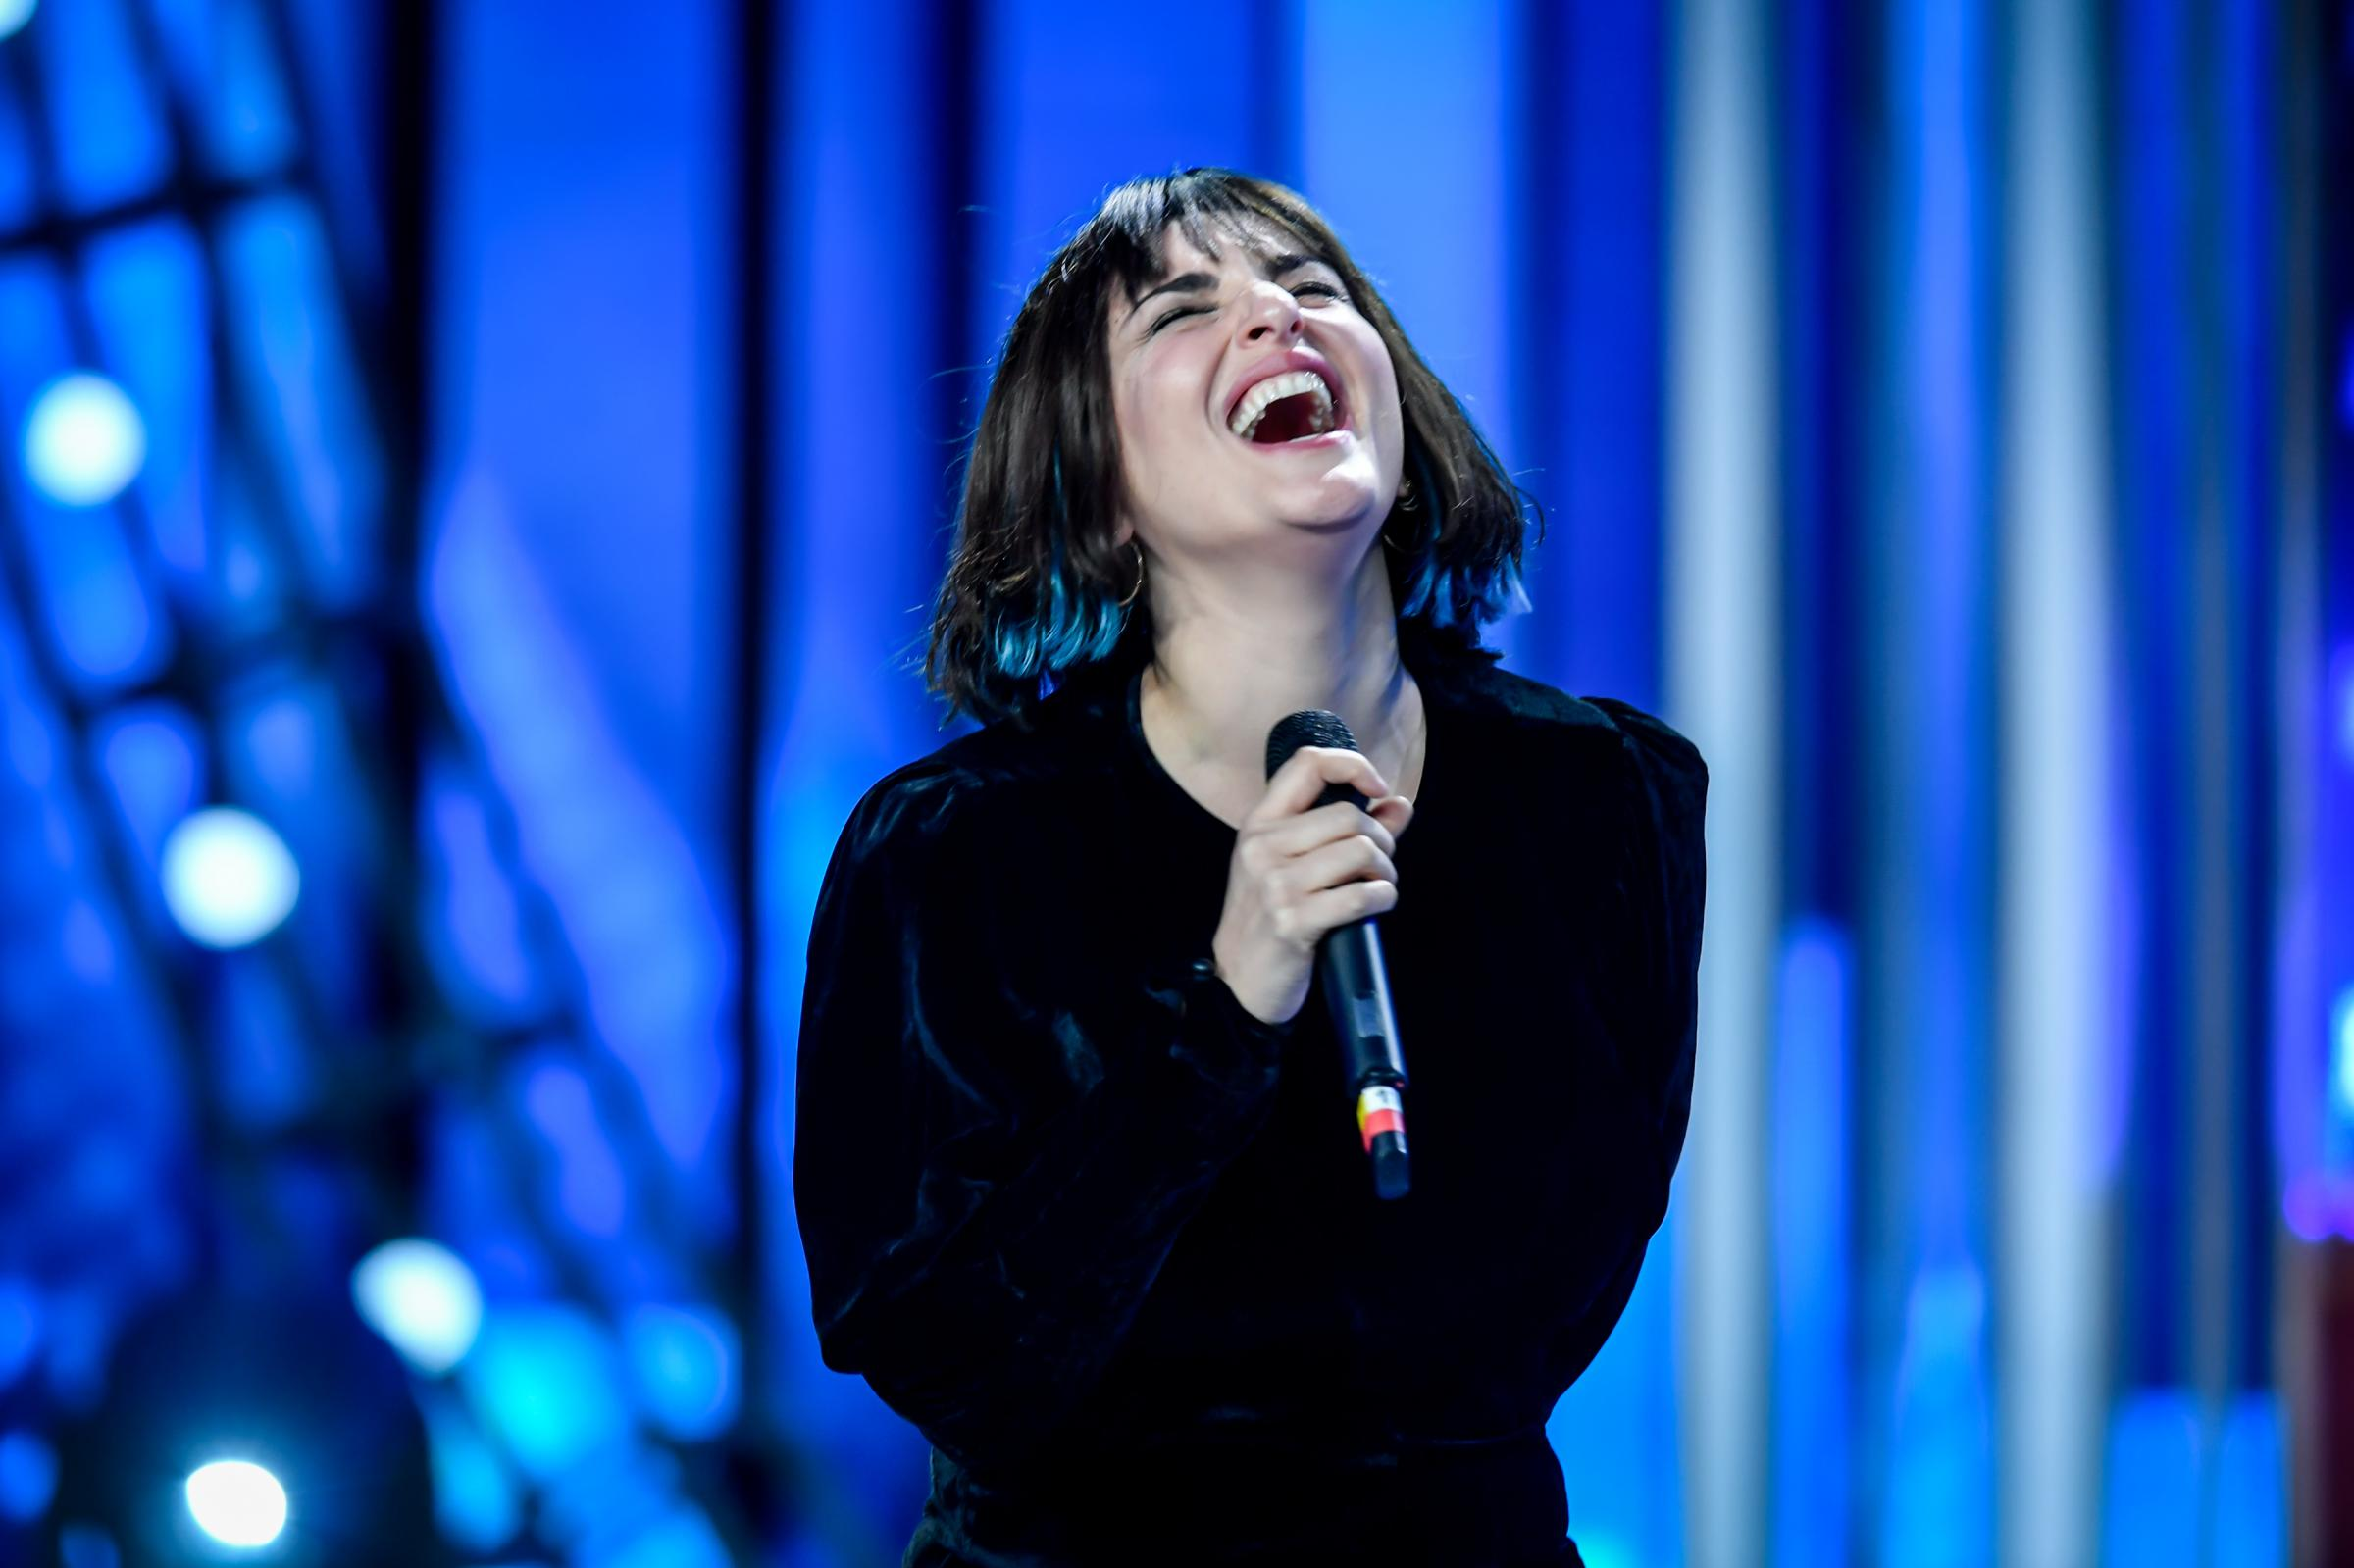 LIVE Sanremo 2021 in DIRETTA: emoziona Arisa e infiamma Ghemon, Annalisa punta in alto!